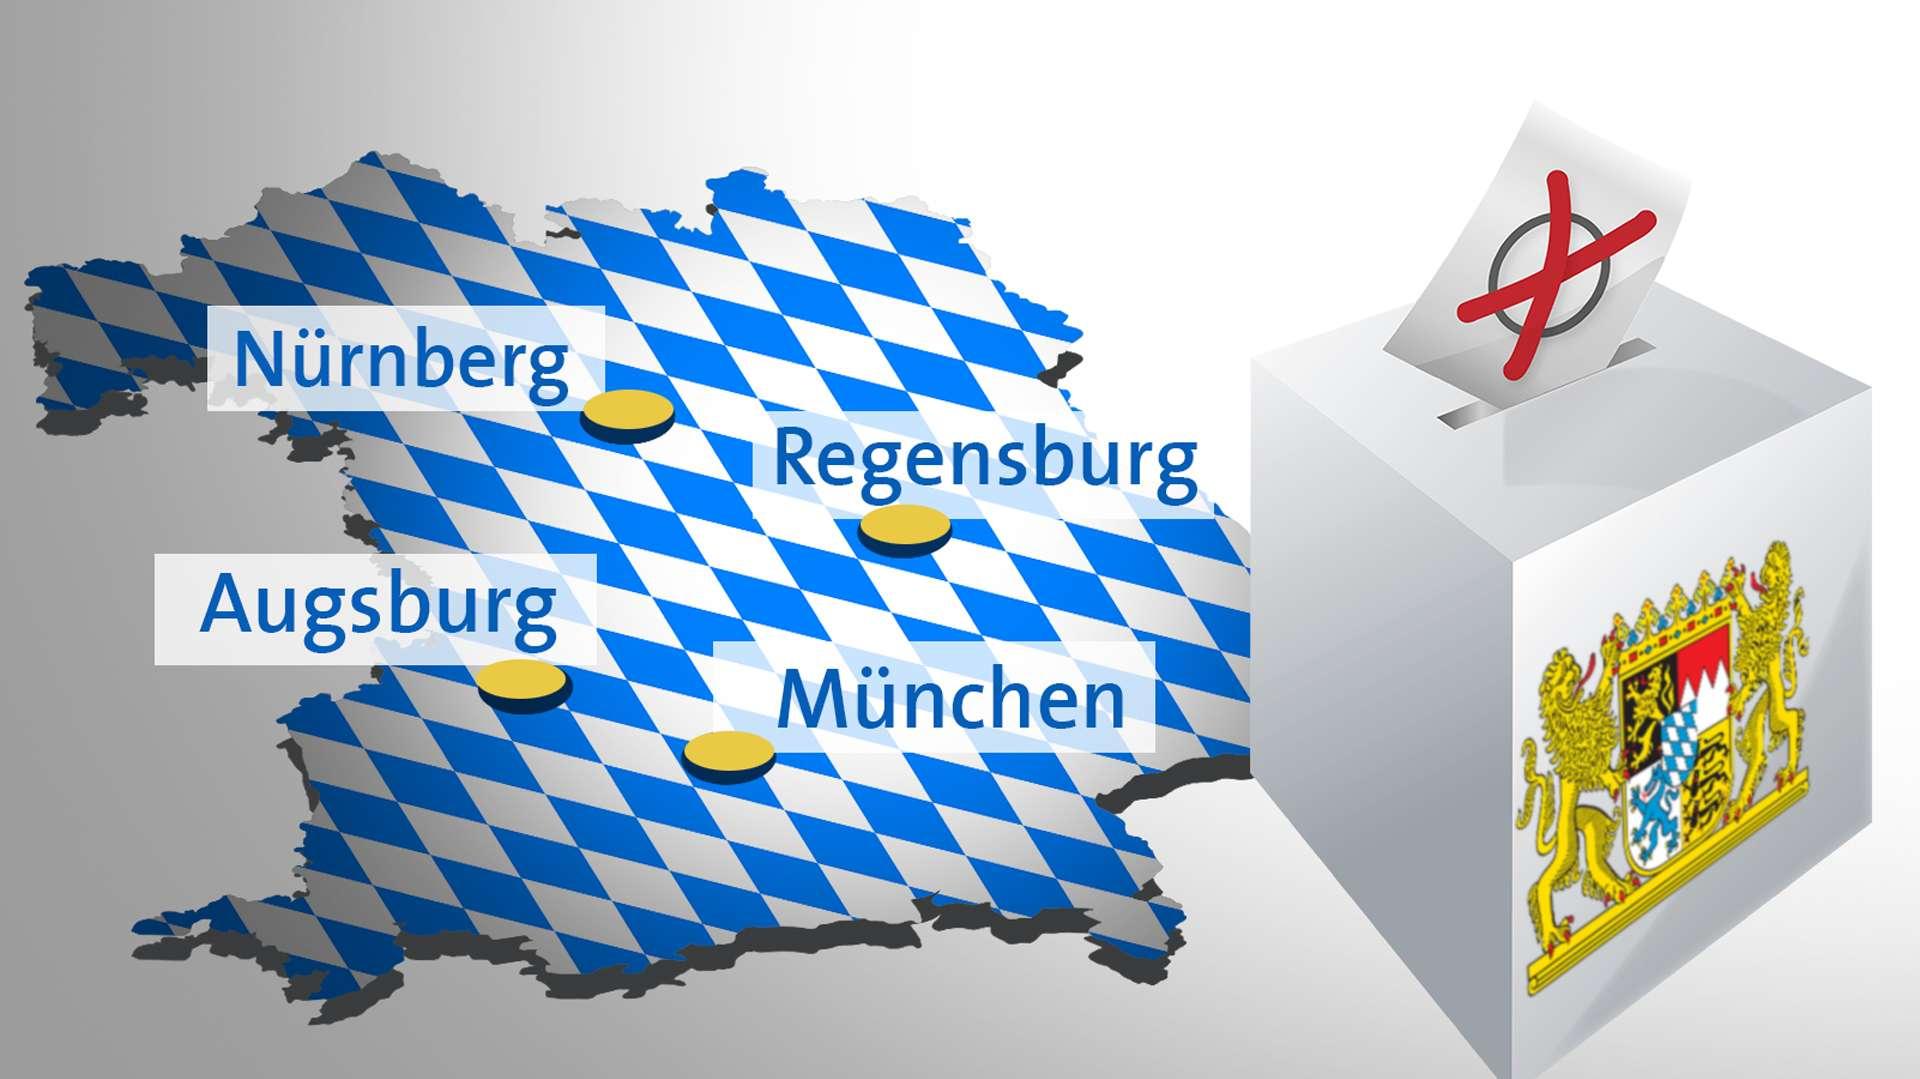 Symbolbild: Kommunalwahlen in München, Nürnberg, Augsburg und Regensburg